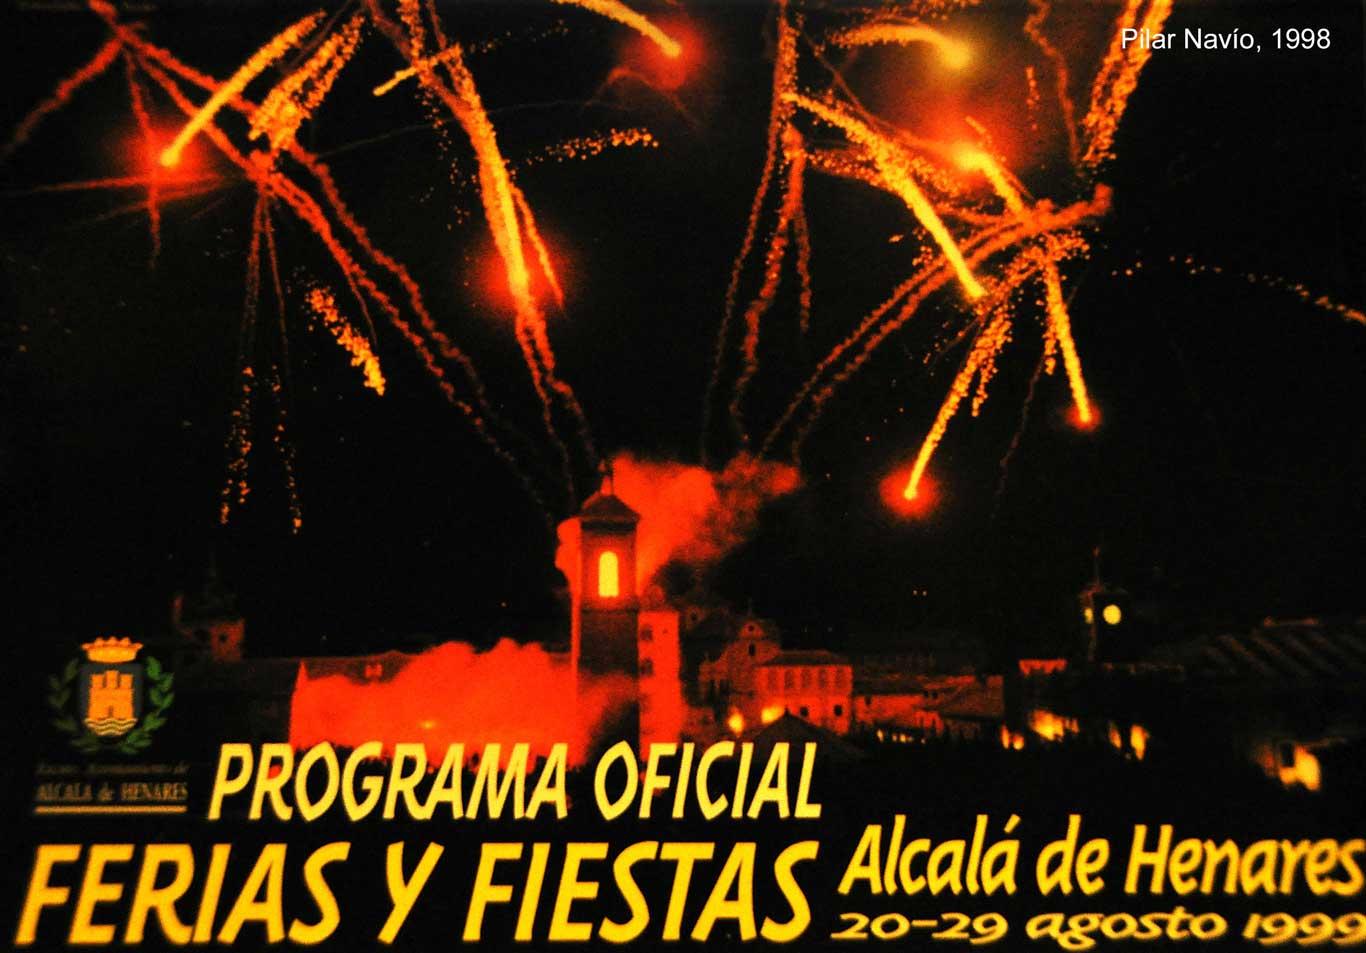 declaracion-ciudad-patrimonio-humanidad-1998-pilar-navio-9